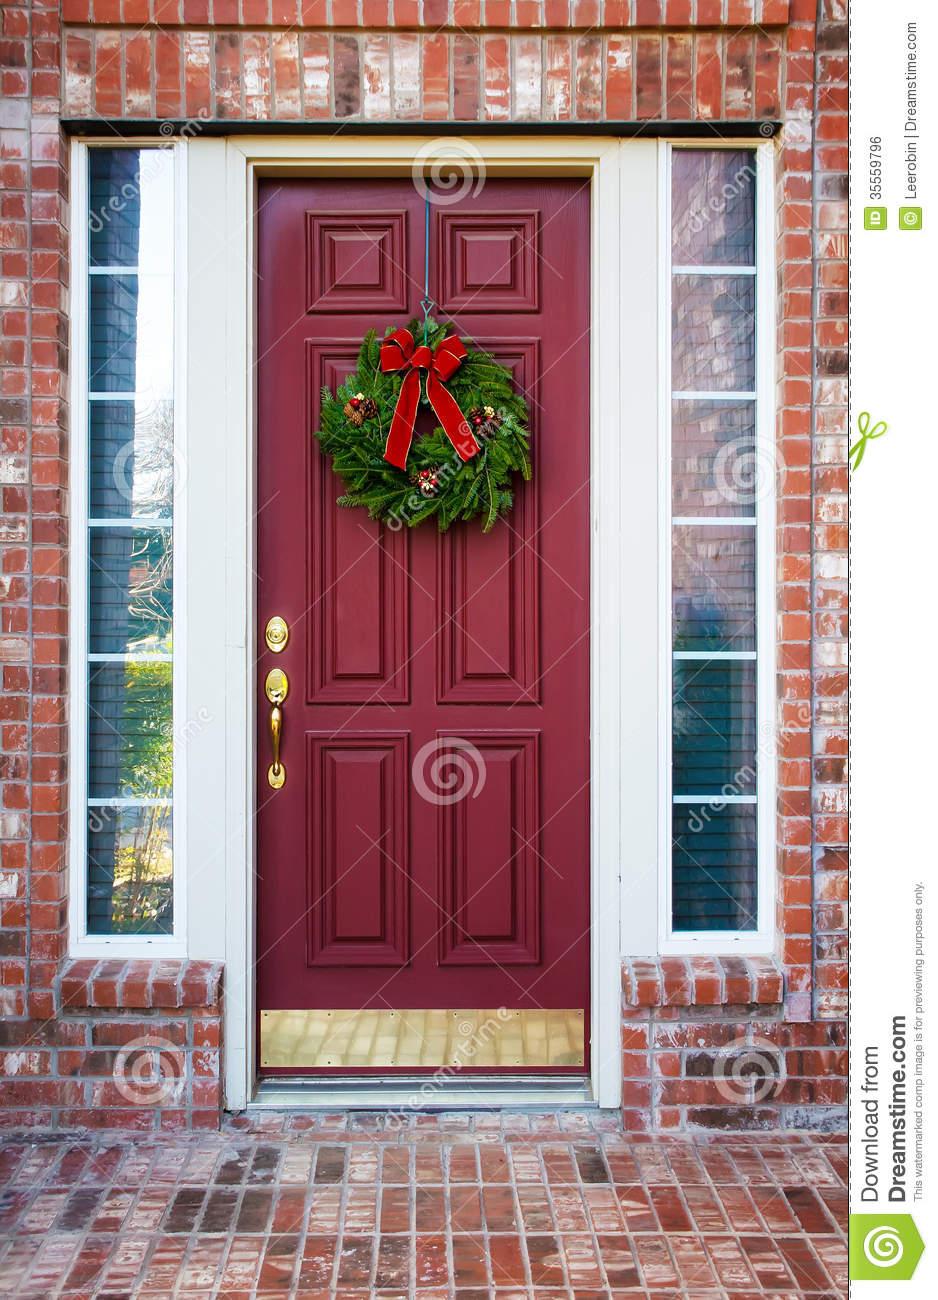 Christmas wreath on door clipart.